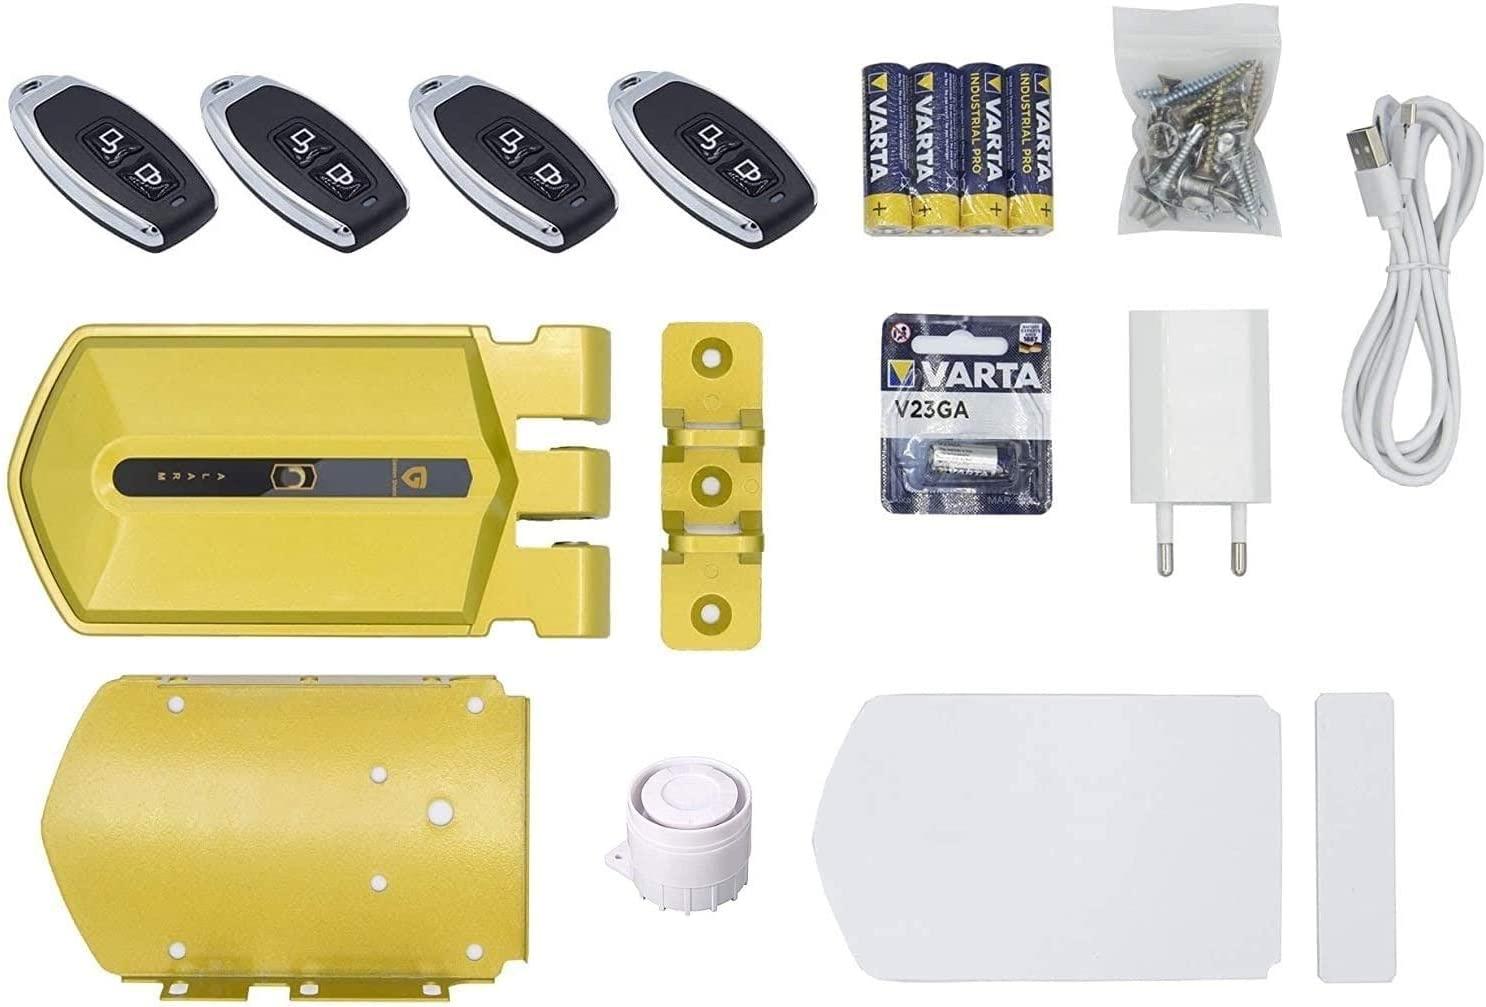 Cerradura invisible dorada con alarma 120db